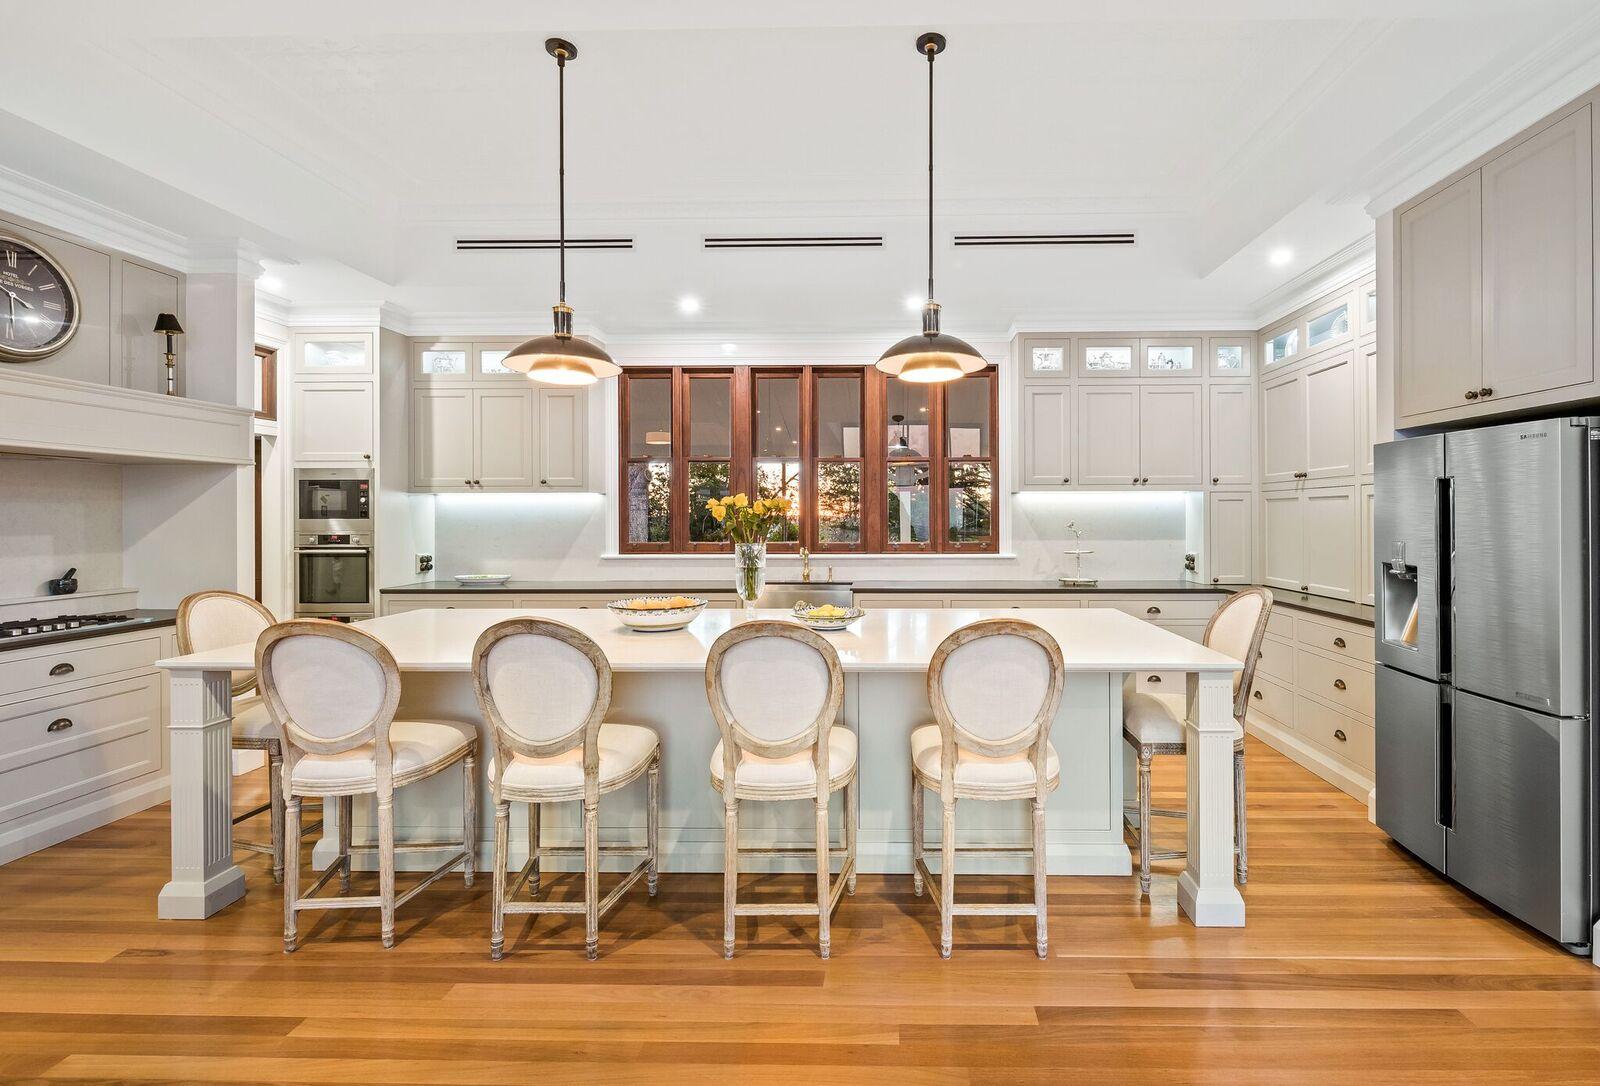 fernside kitchen chairs.jpeg